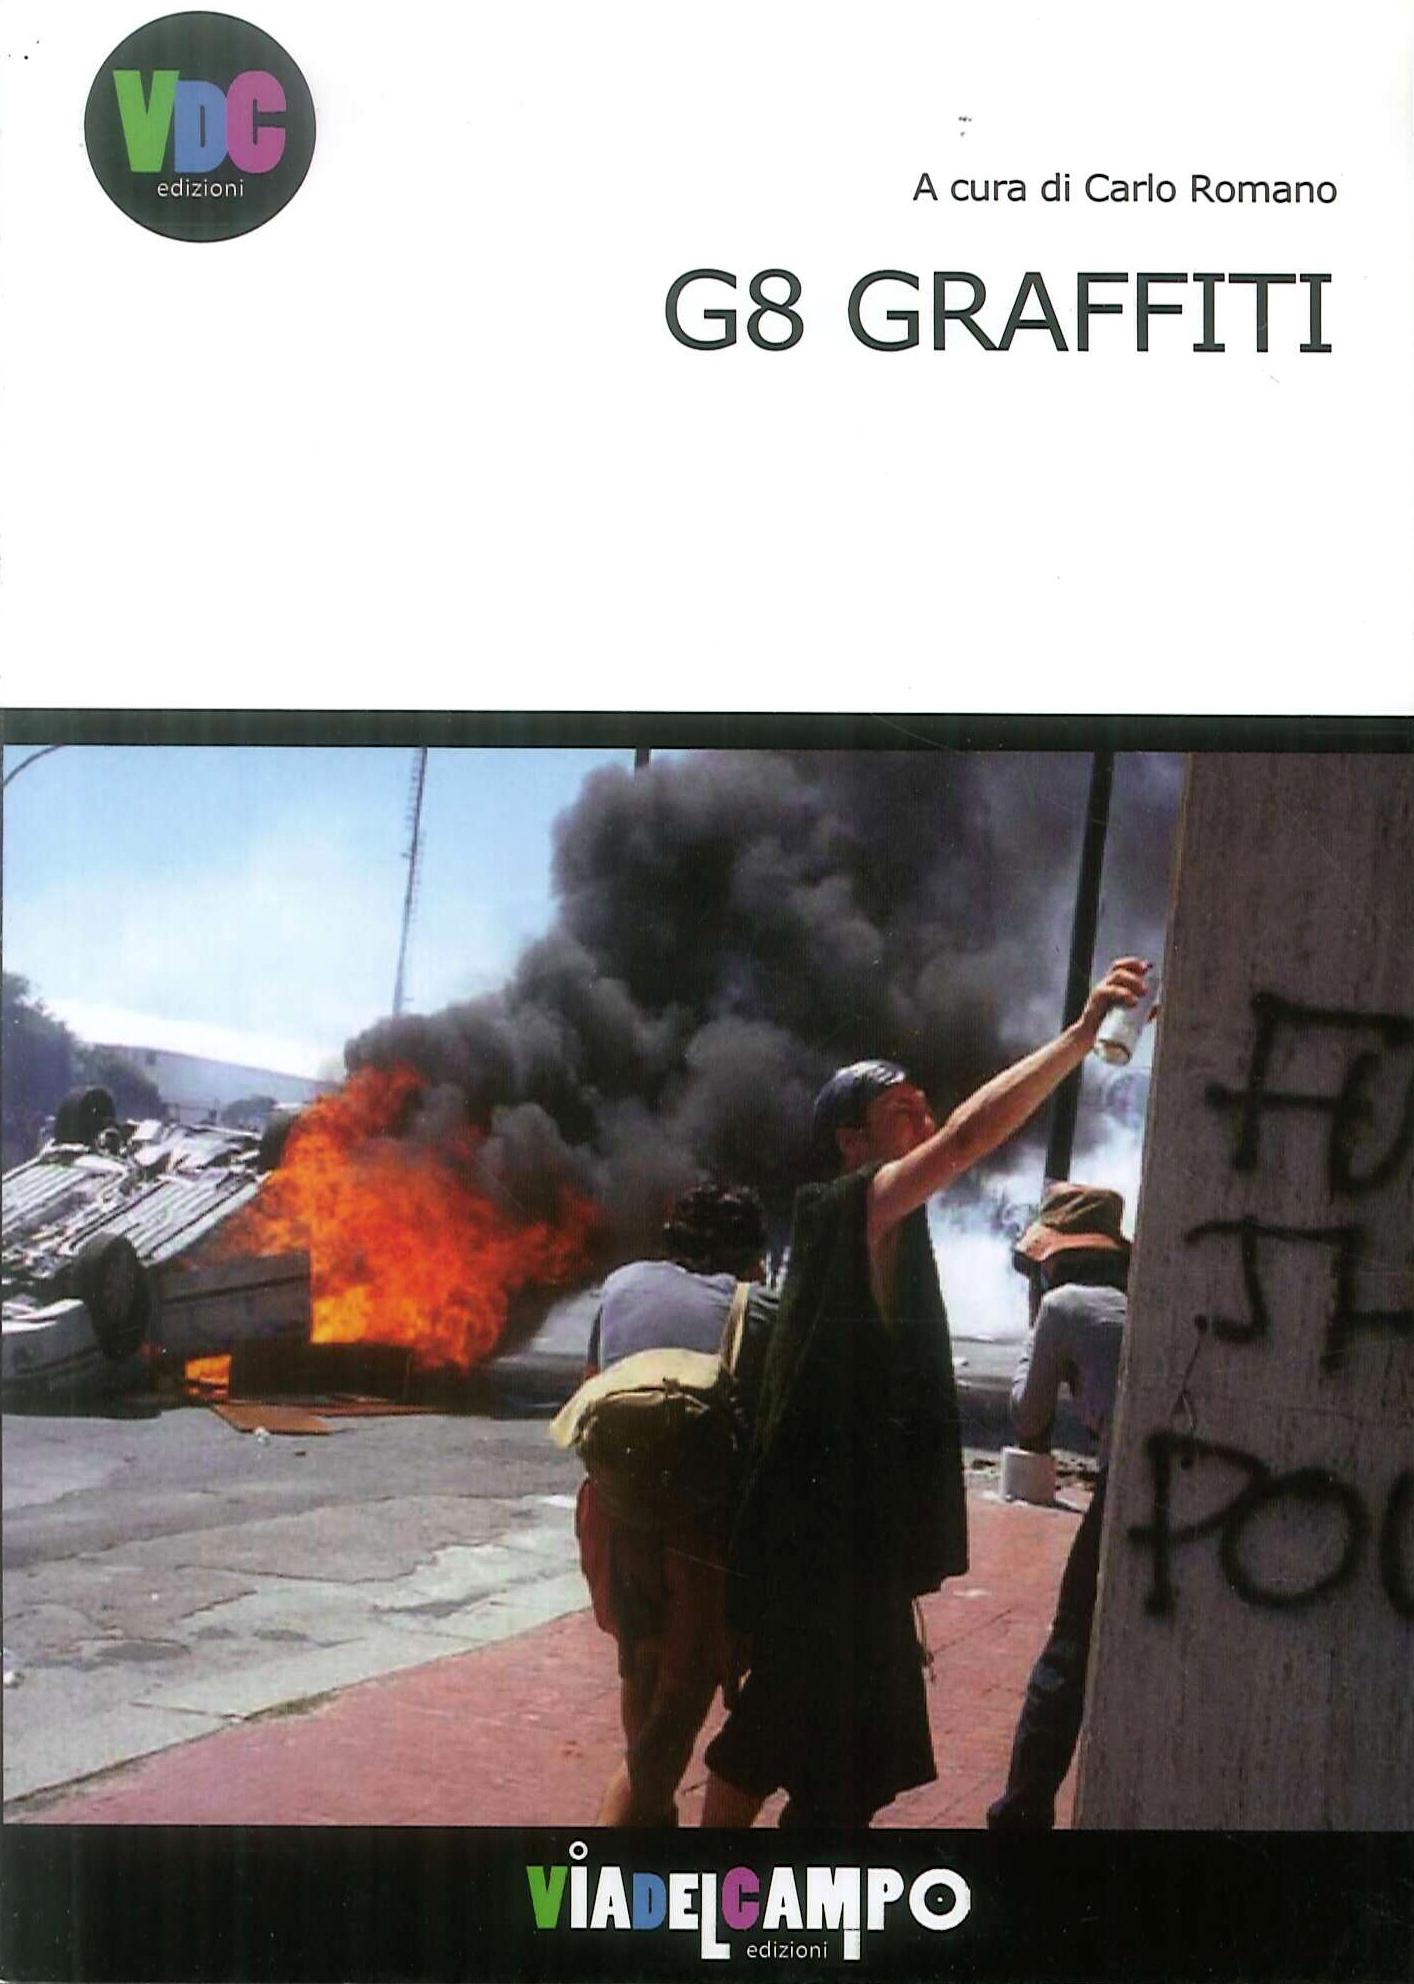 G8 Graffiti.